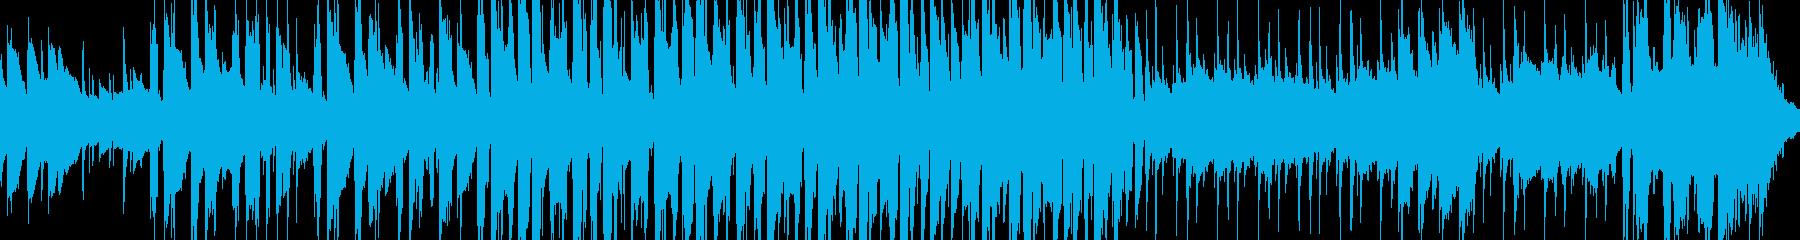 まったり穏やか口笛アコースティックループの再生済みの波形